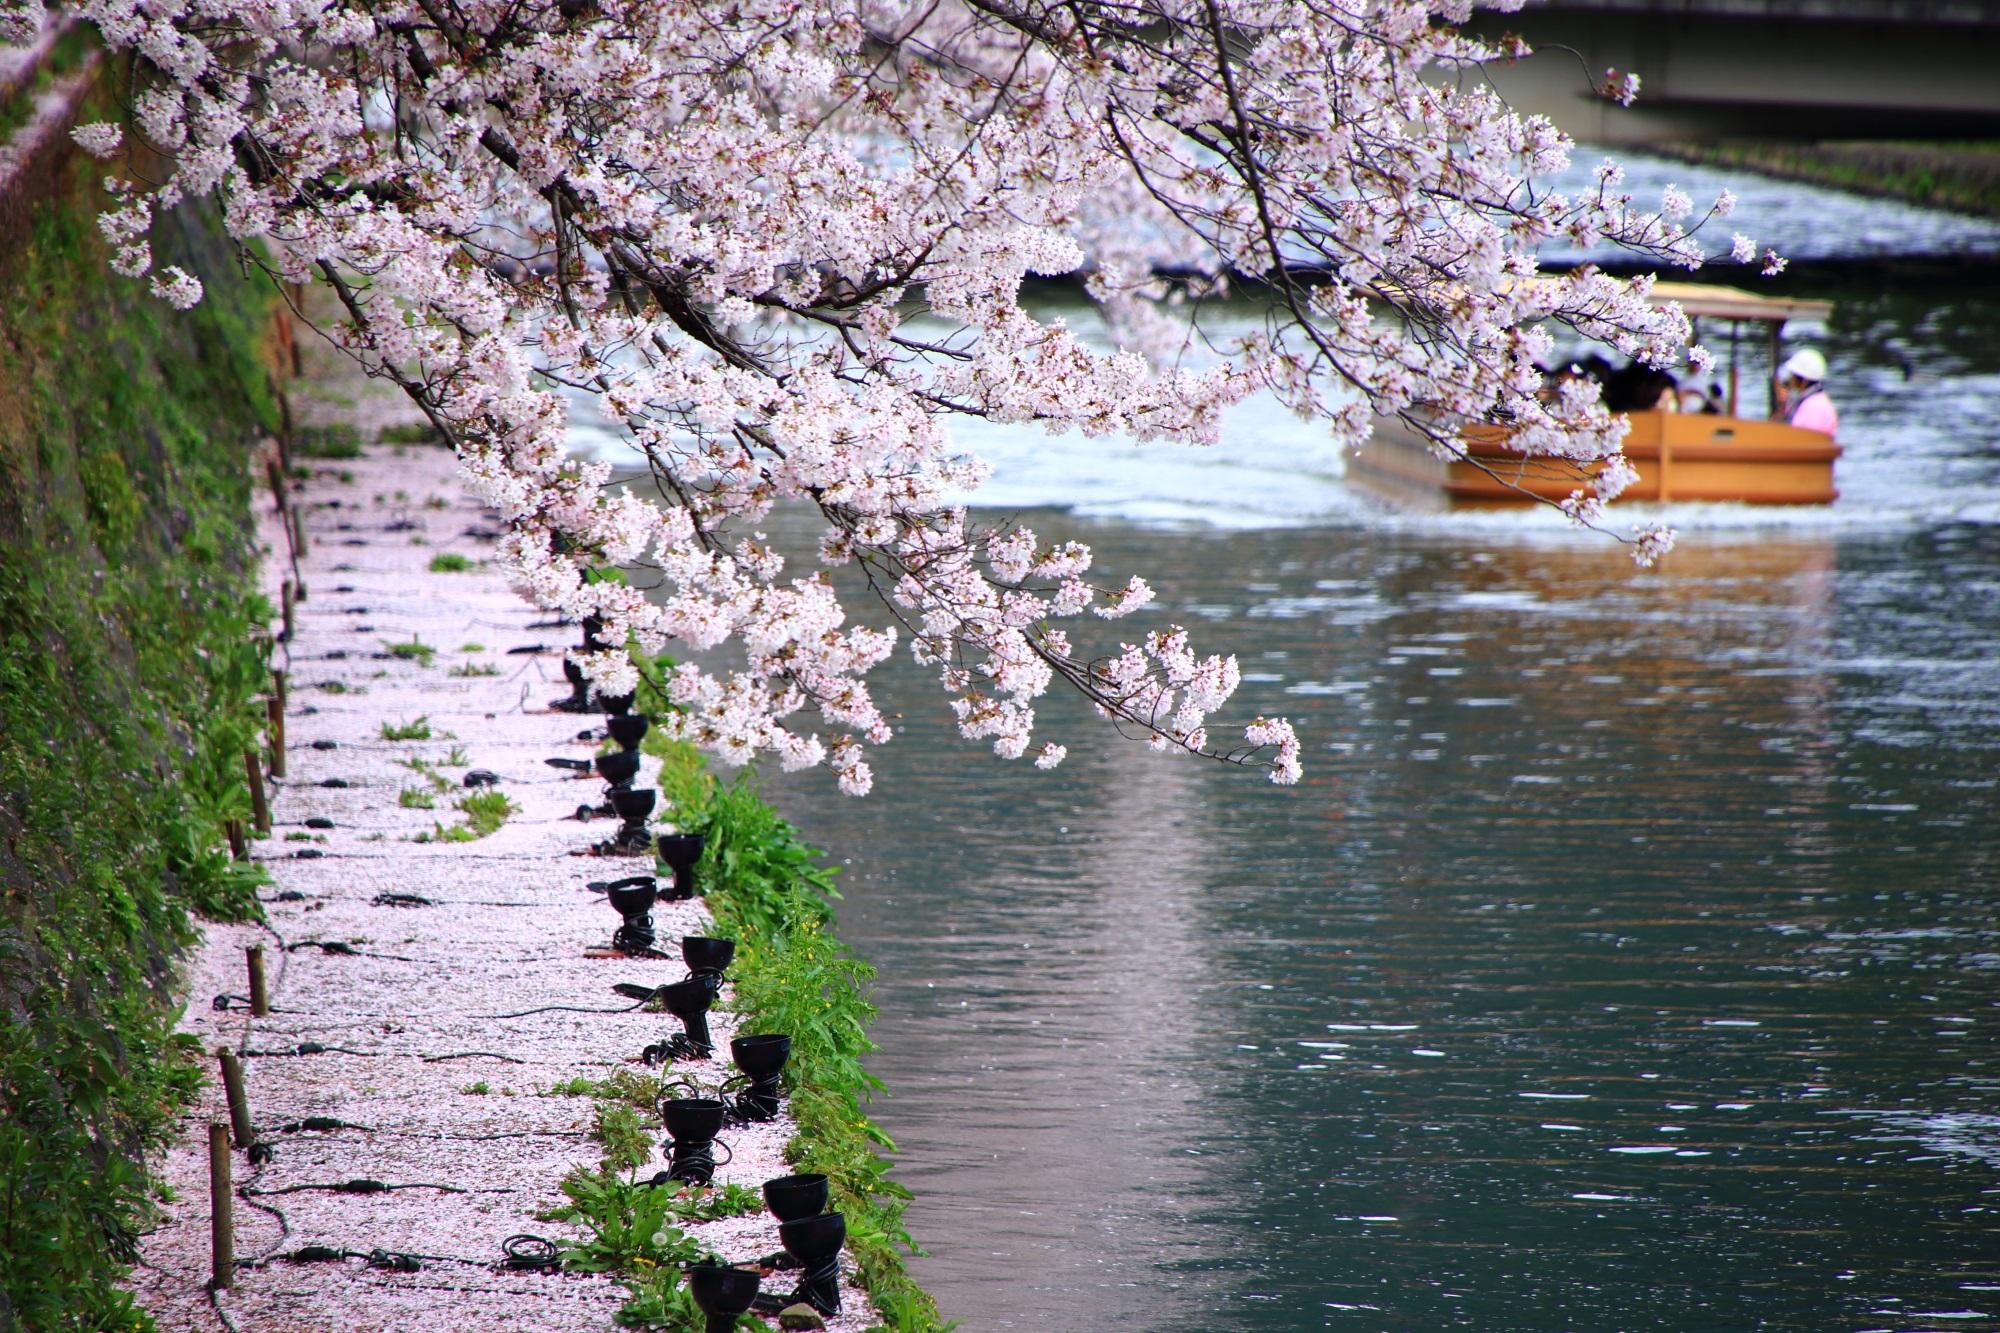 桜の岡崎疏水を通る遊覧の船(十石船)